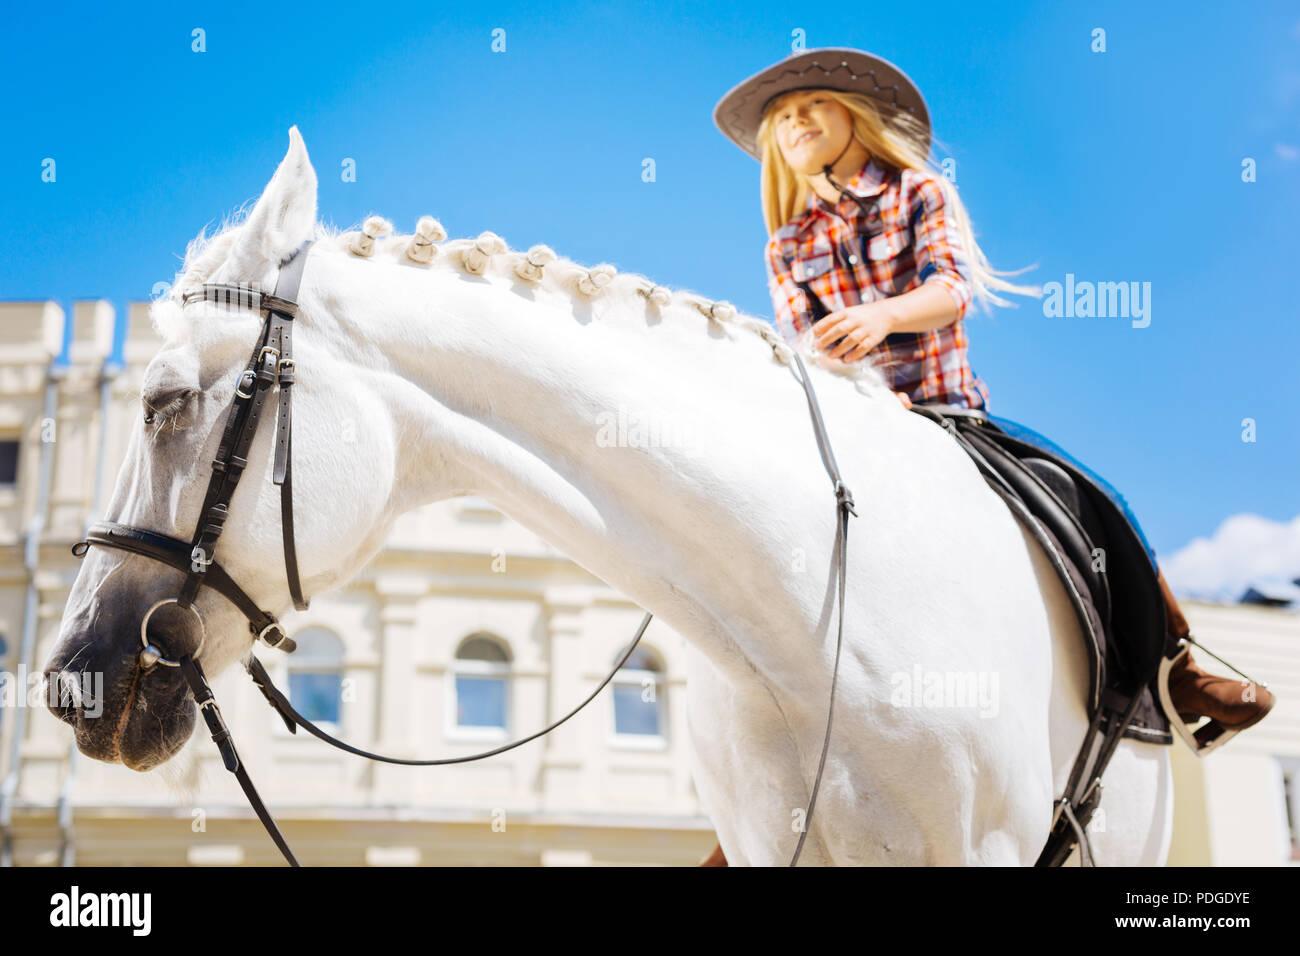 Cowboy girl élégante portant des bottes d'équitation riding horse brown Photo Stock